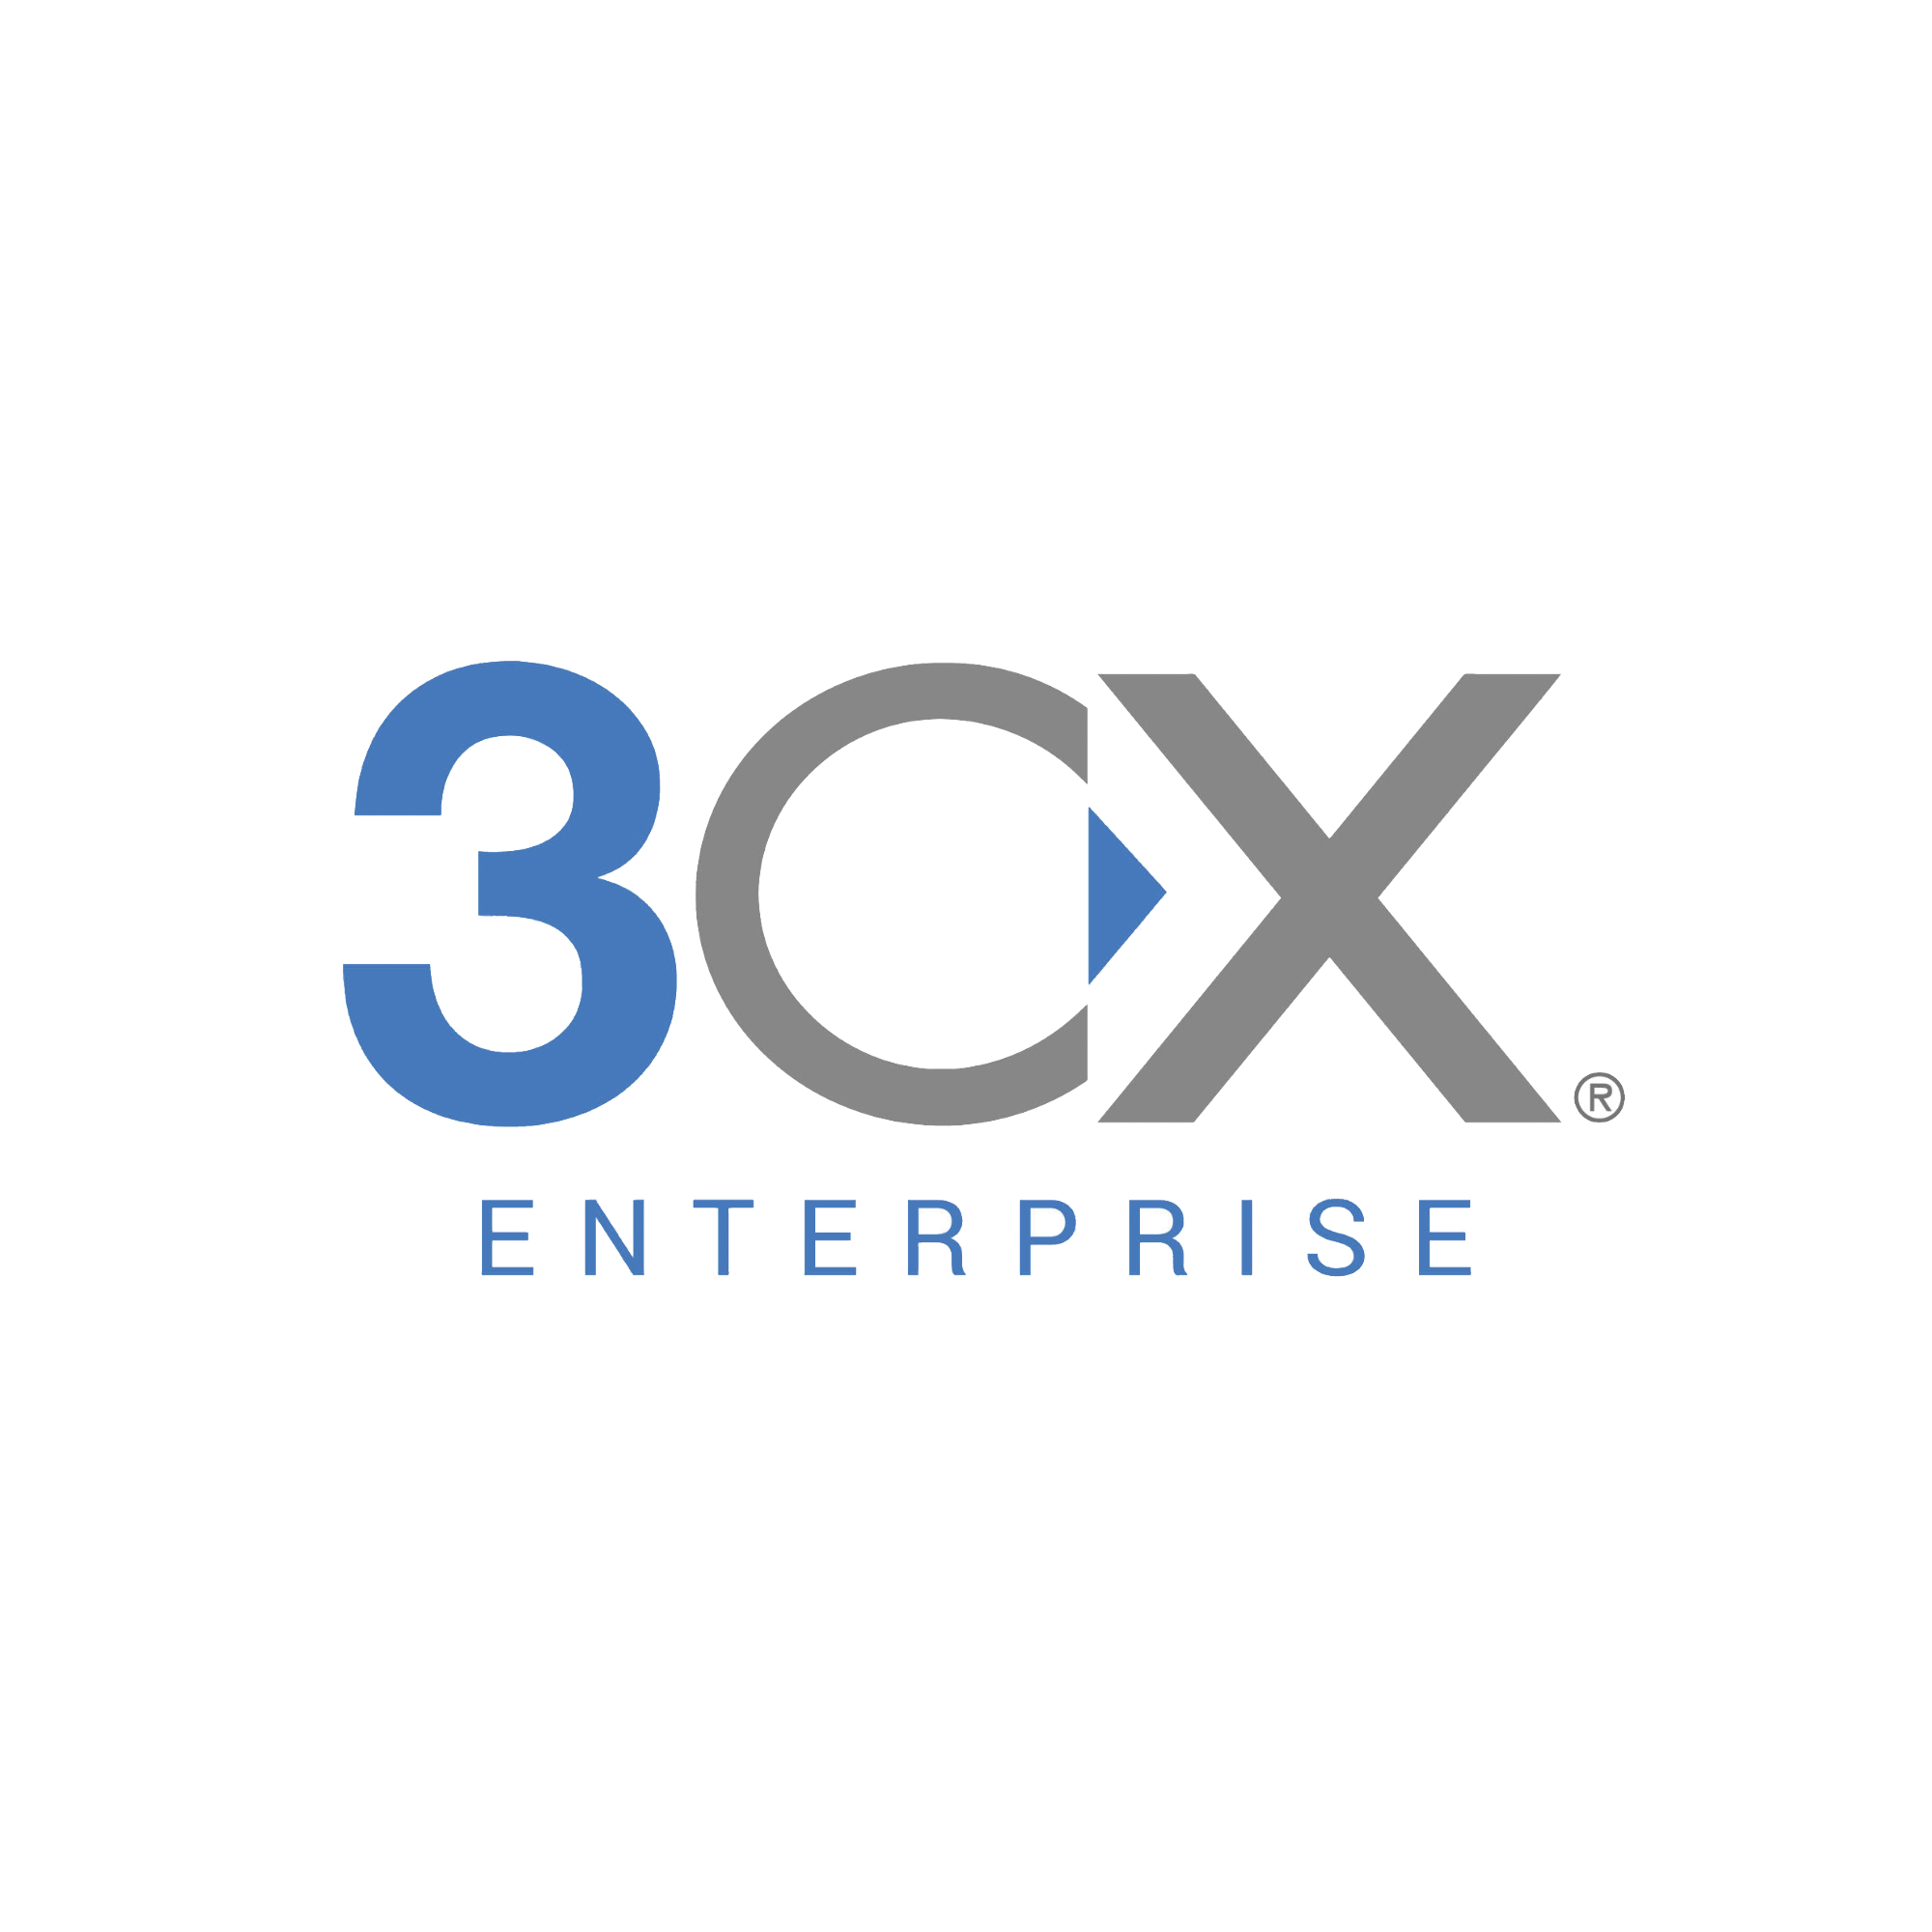 Licencia anual de 3CX Enterprise para 64 llamadas simultáneas y extensiones ilimitadas